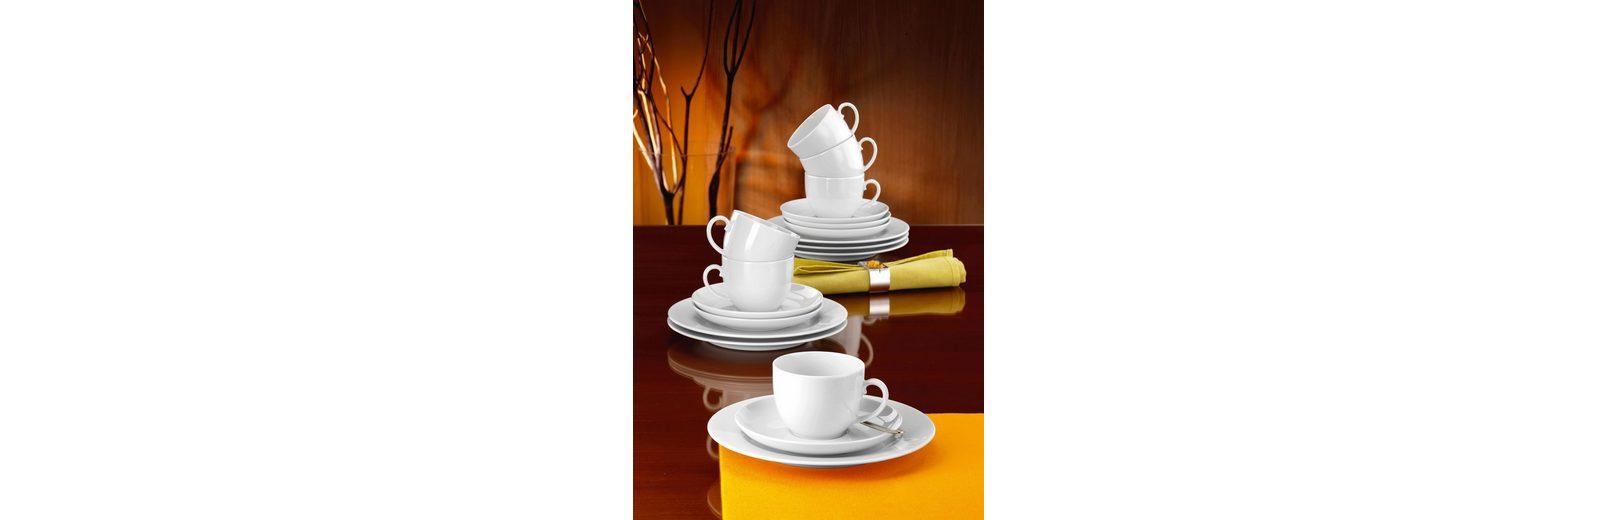 Seltmann Weiden Kaffeeservice, Porzellan, 18 Teile, »RONDO«